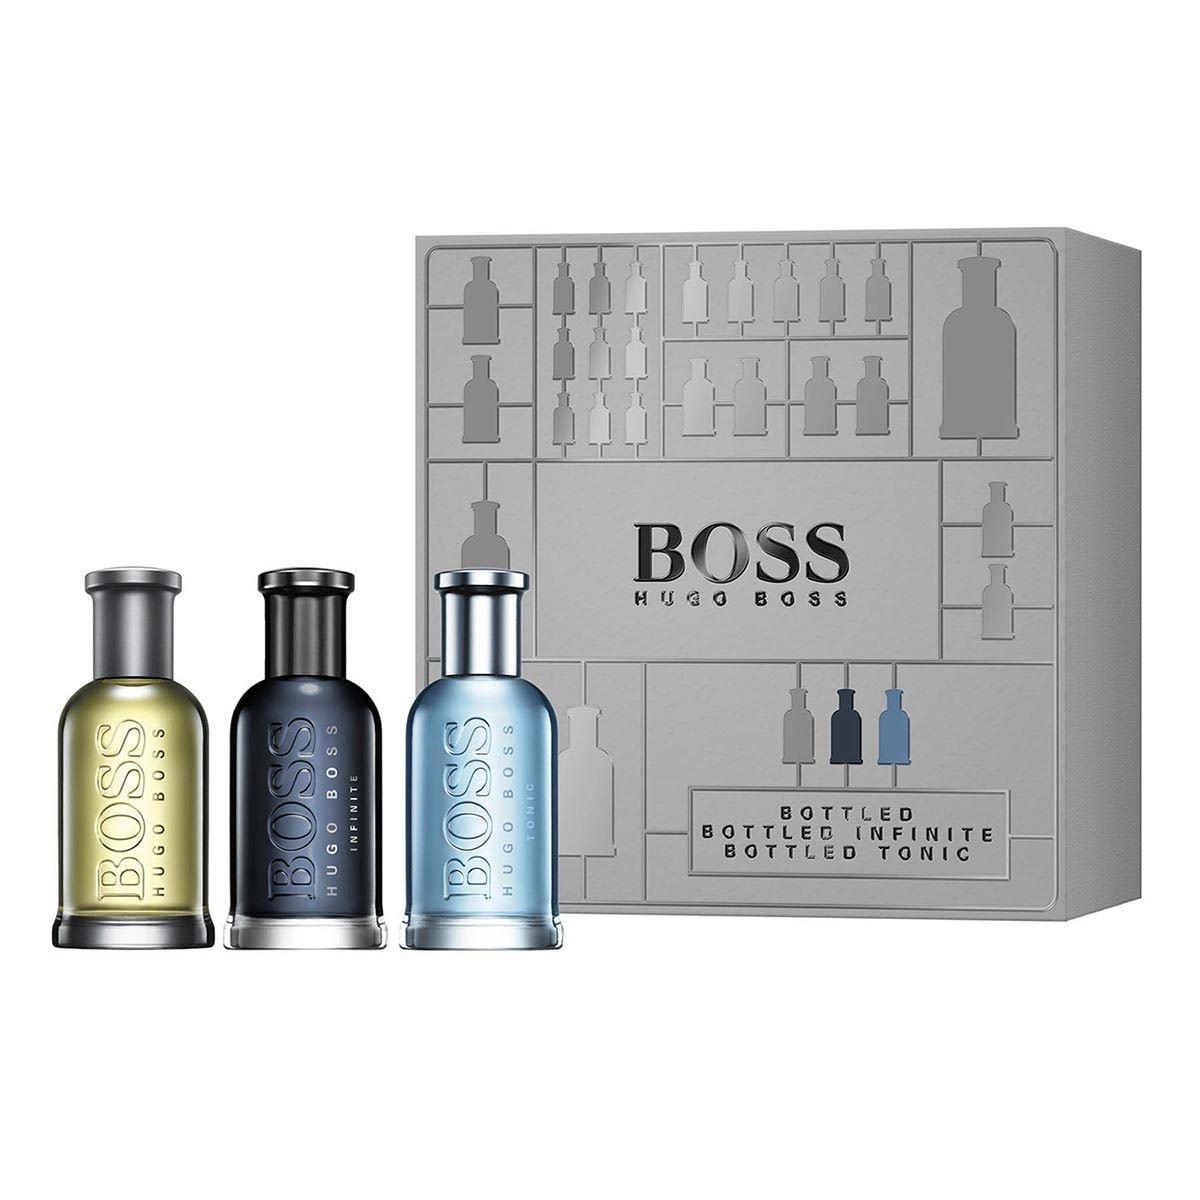 Set para Caballero Boss Bottled Classic, Tonic & Infinite Hugo Boss